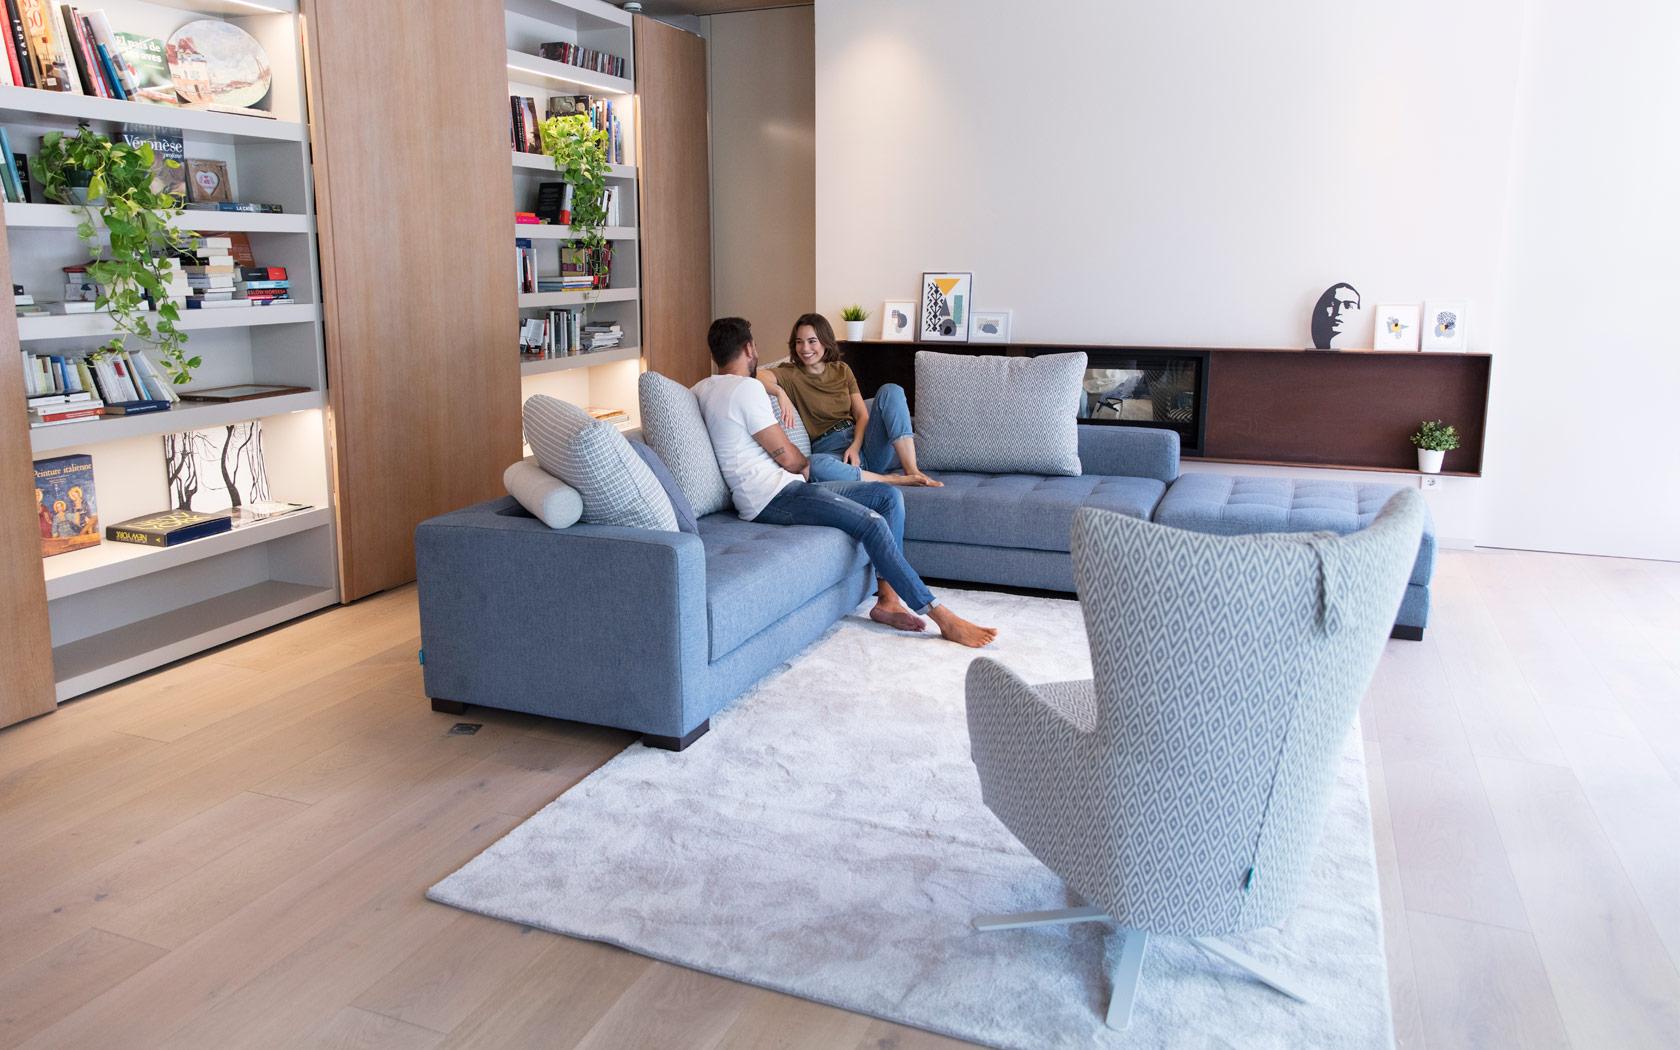 Manacor sofa Fama 2020 05